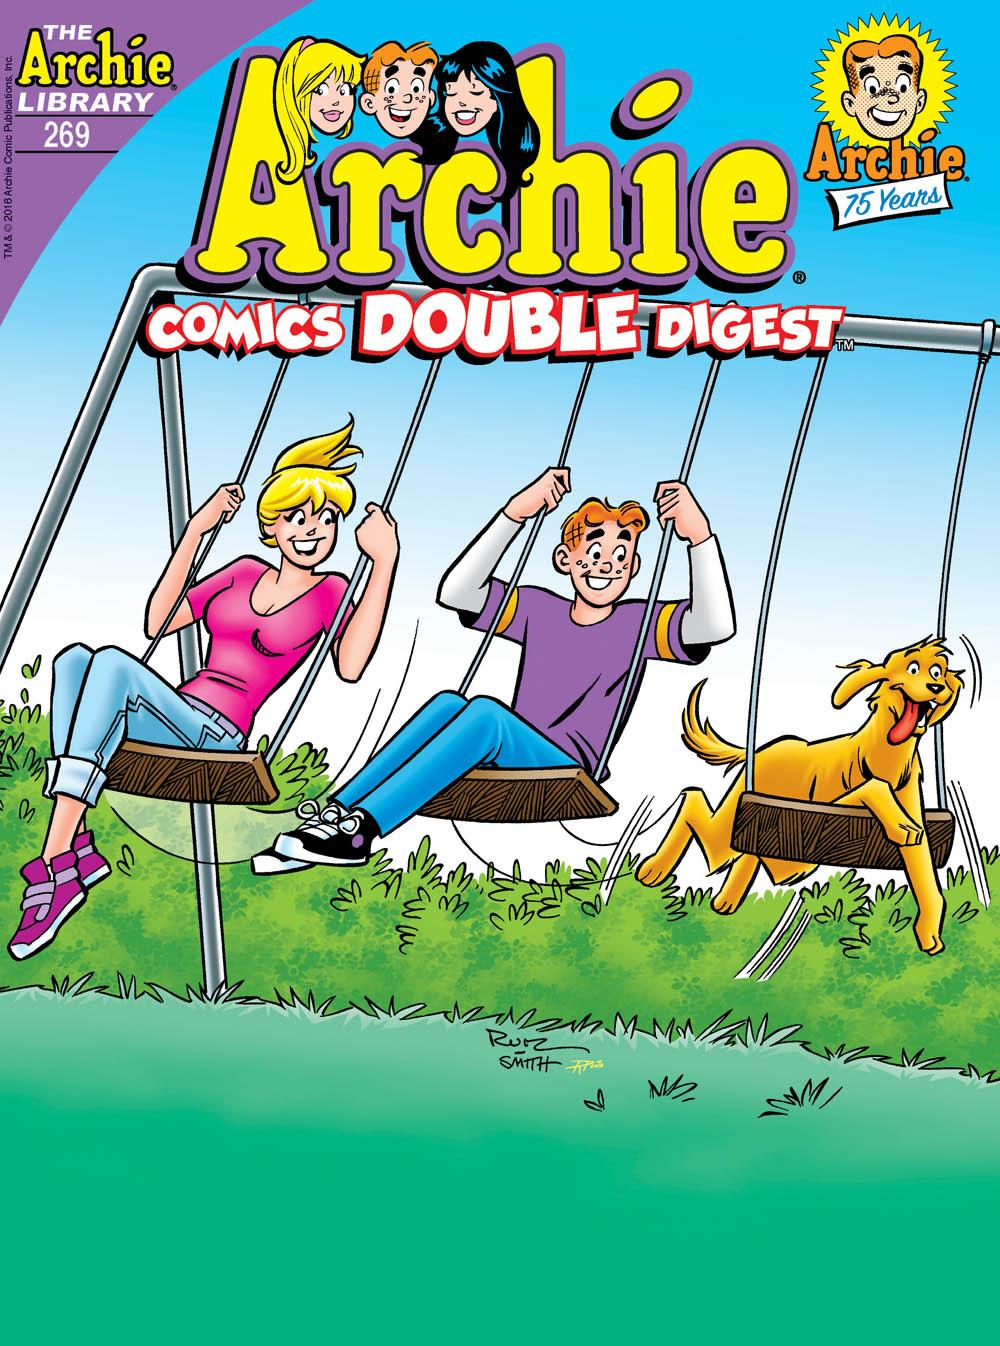 ARCHIE COMICS DOUBLE DIGEST #269 Cover